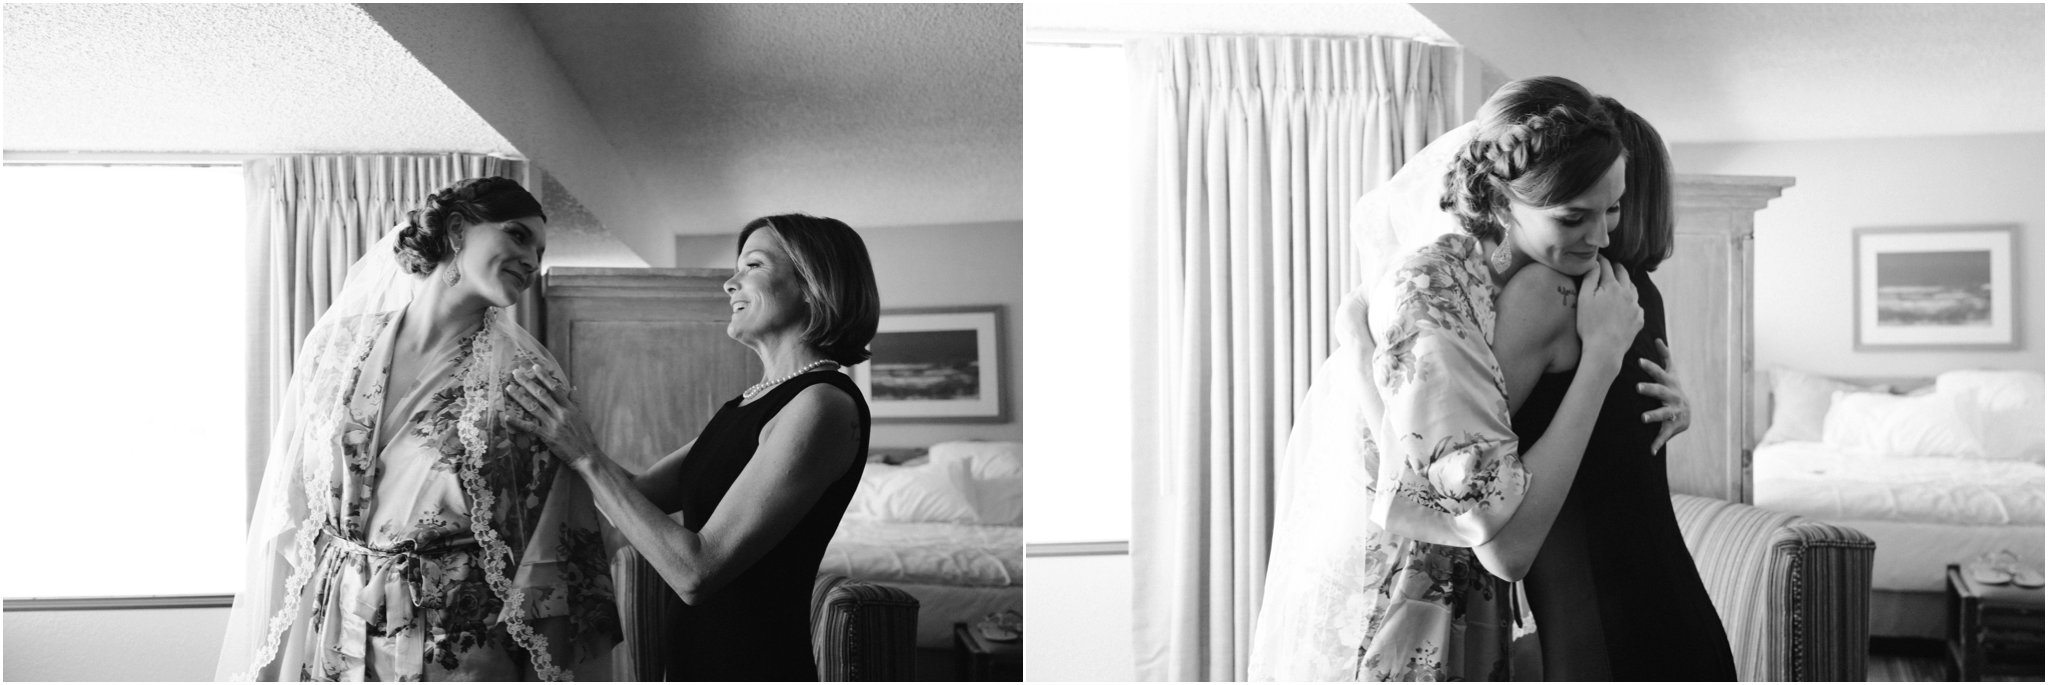 00Blue Rose Photography_ Albuquerque Wedding Photographer_ Santa Fe Wedding Photographers